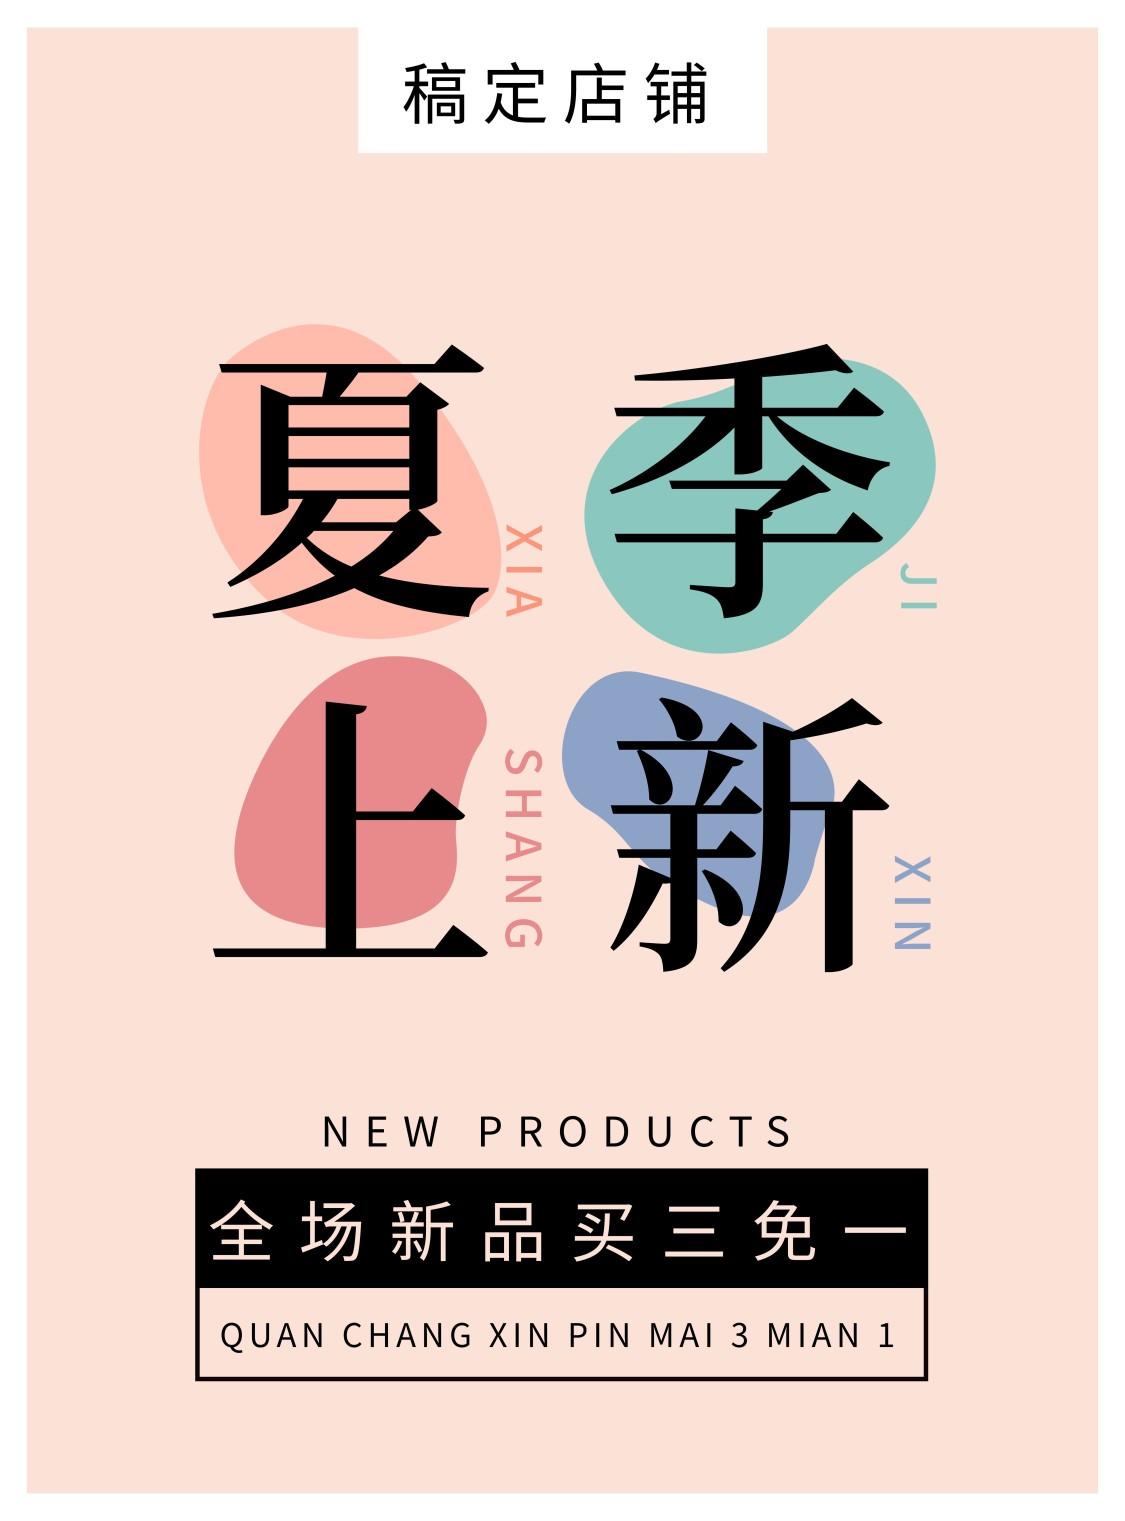 上新/简约清新/促销活动/张贴海报